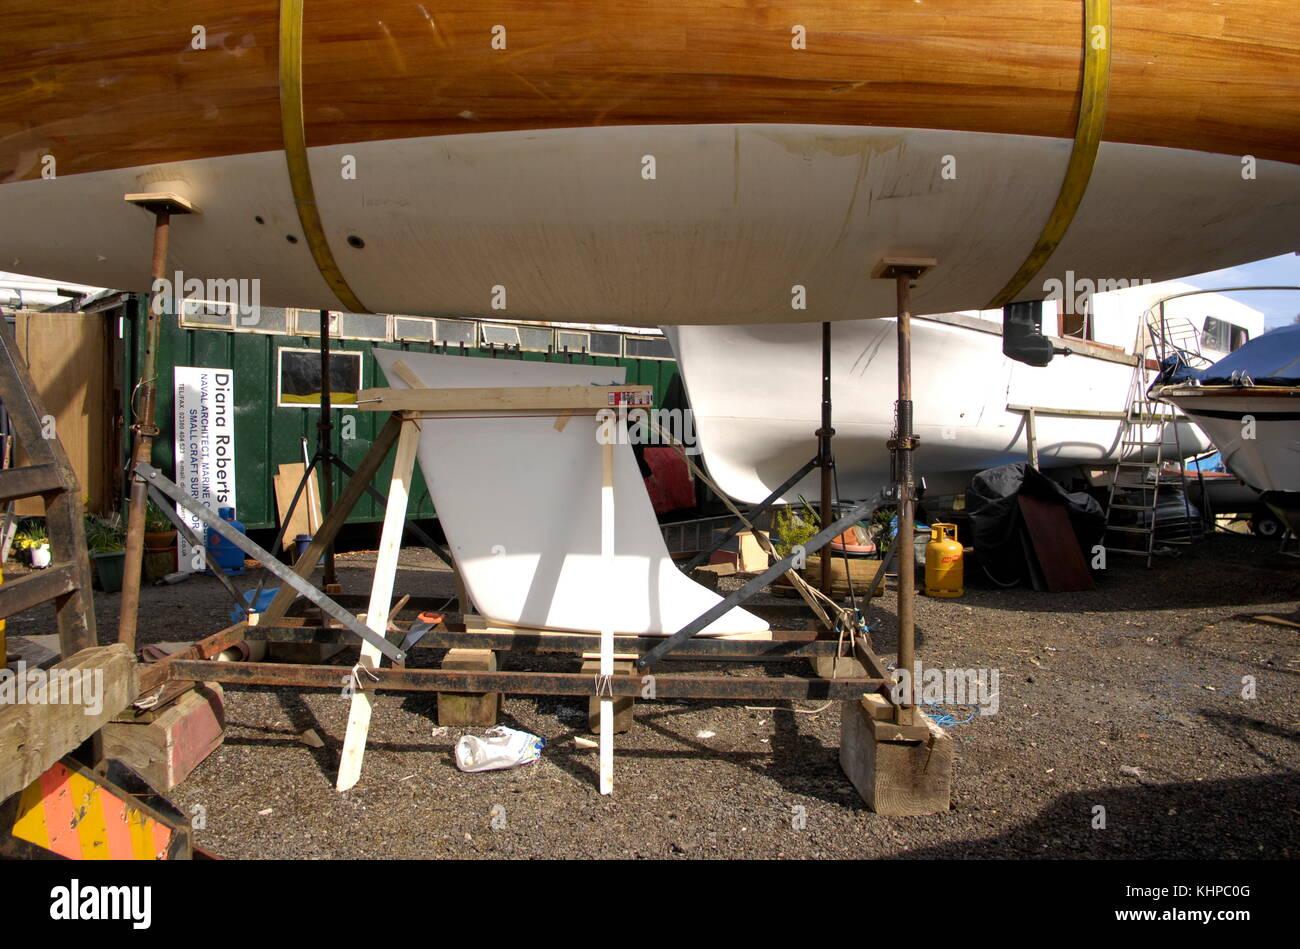 AJAXNETPHOTO. 2010. BURSELDON, Inghilterra. - YACHT IL MIO SOGNO - chiglia essendo montato.scafo di abbassamento Immagini Stock